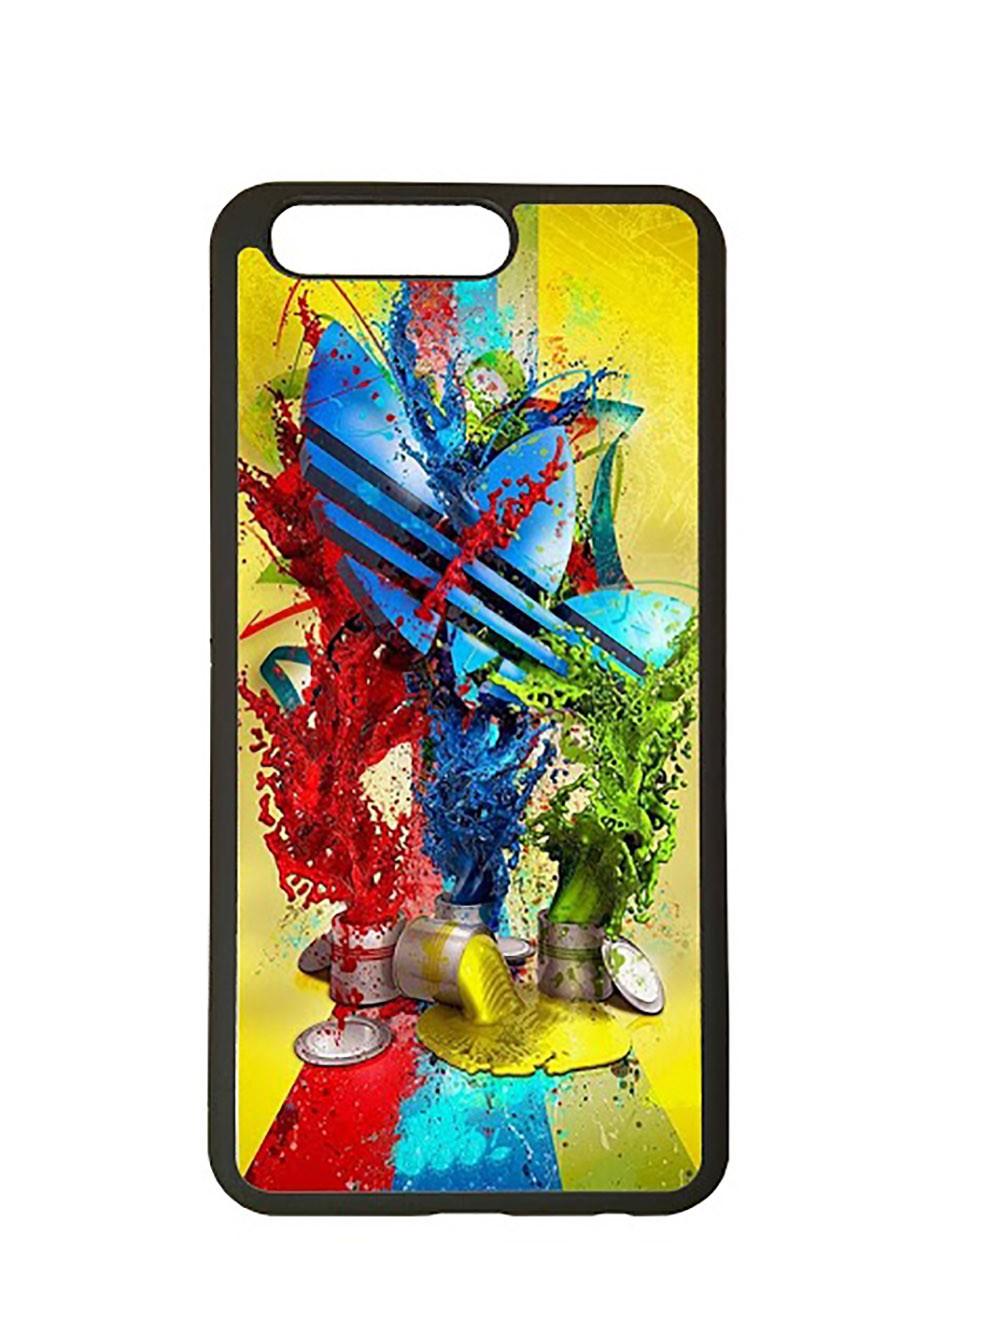 Funda carcasas móvil adidas pintura compatible con el móvil Huawei P10